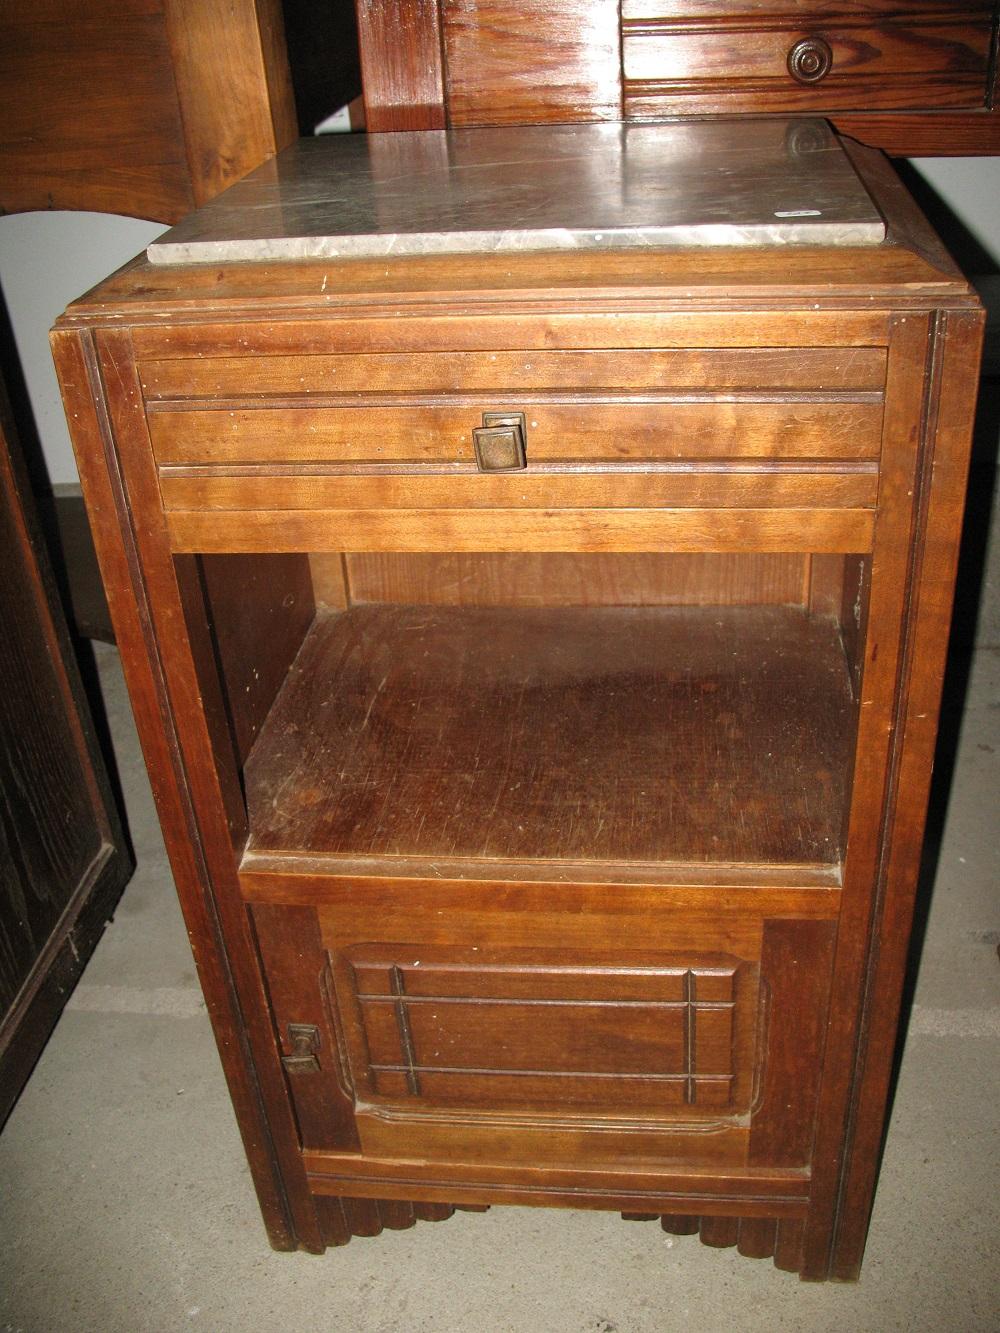 meubles bracobroc. Black Bedroom Furniture Sets. Home Design Ideas